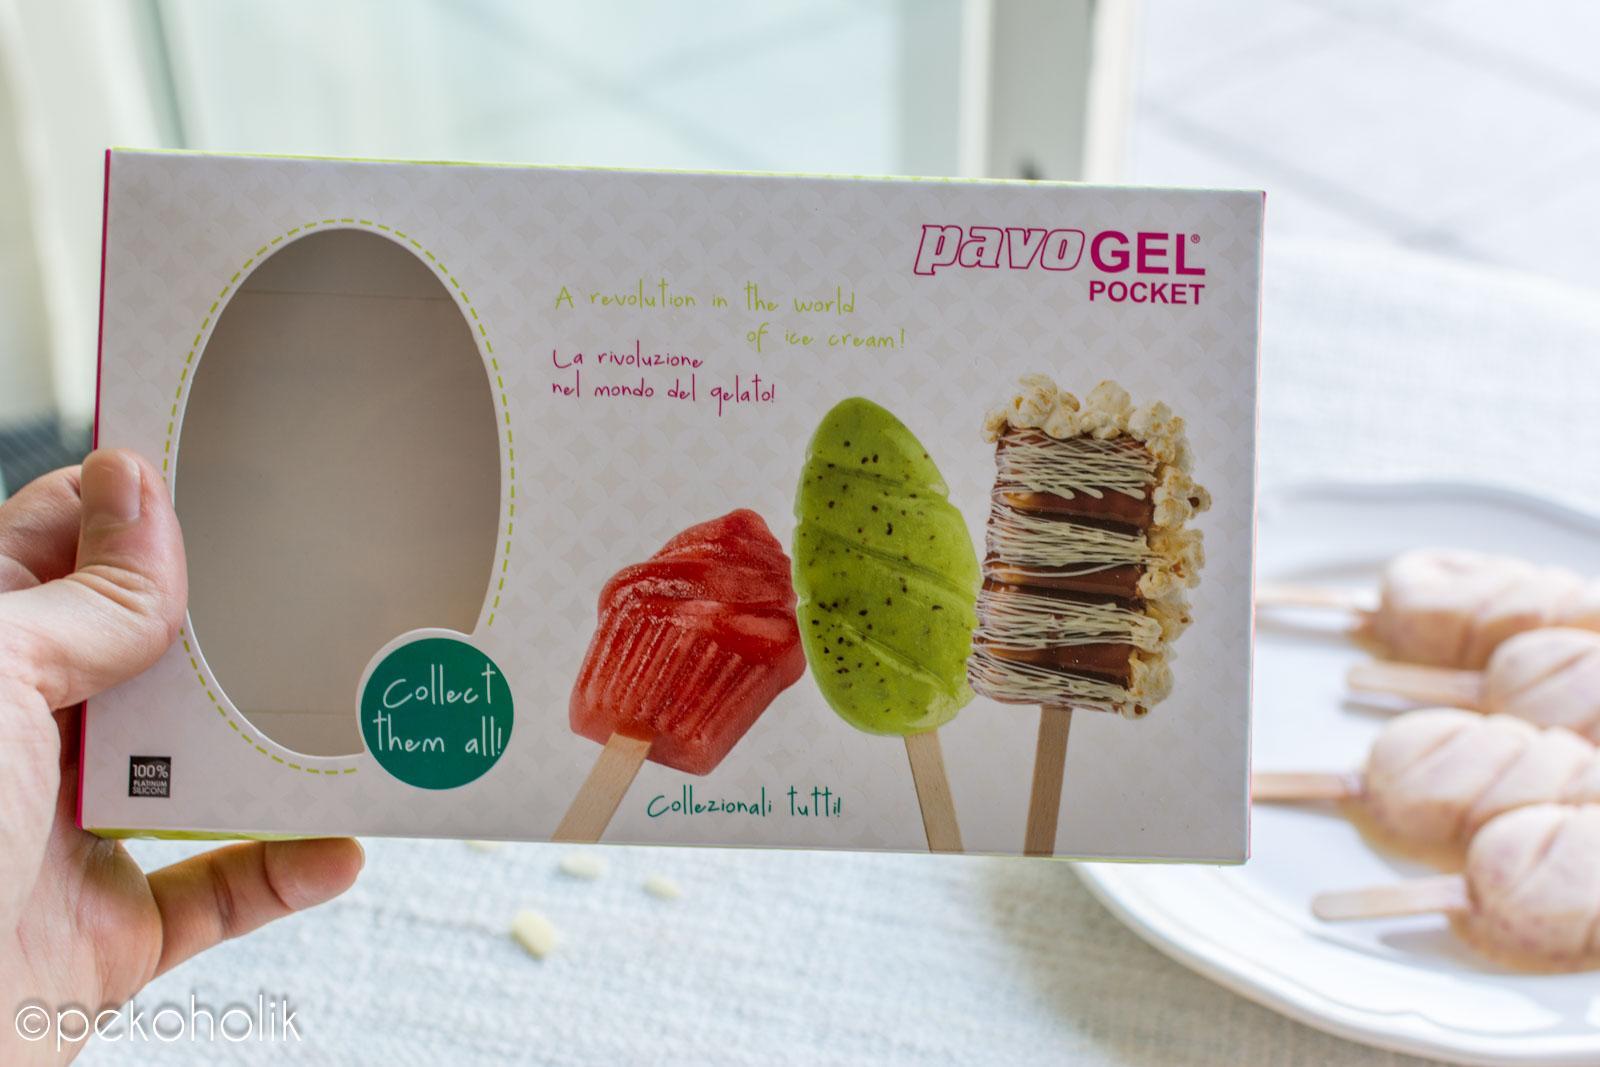 Sladoledne jogurtove lučke. 6